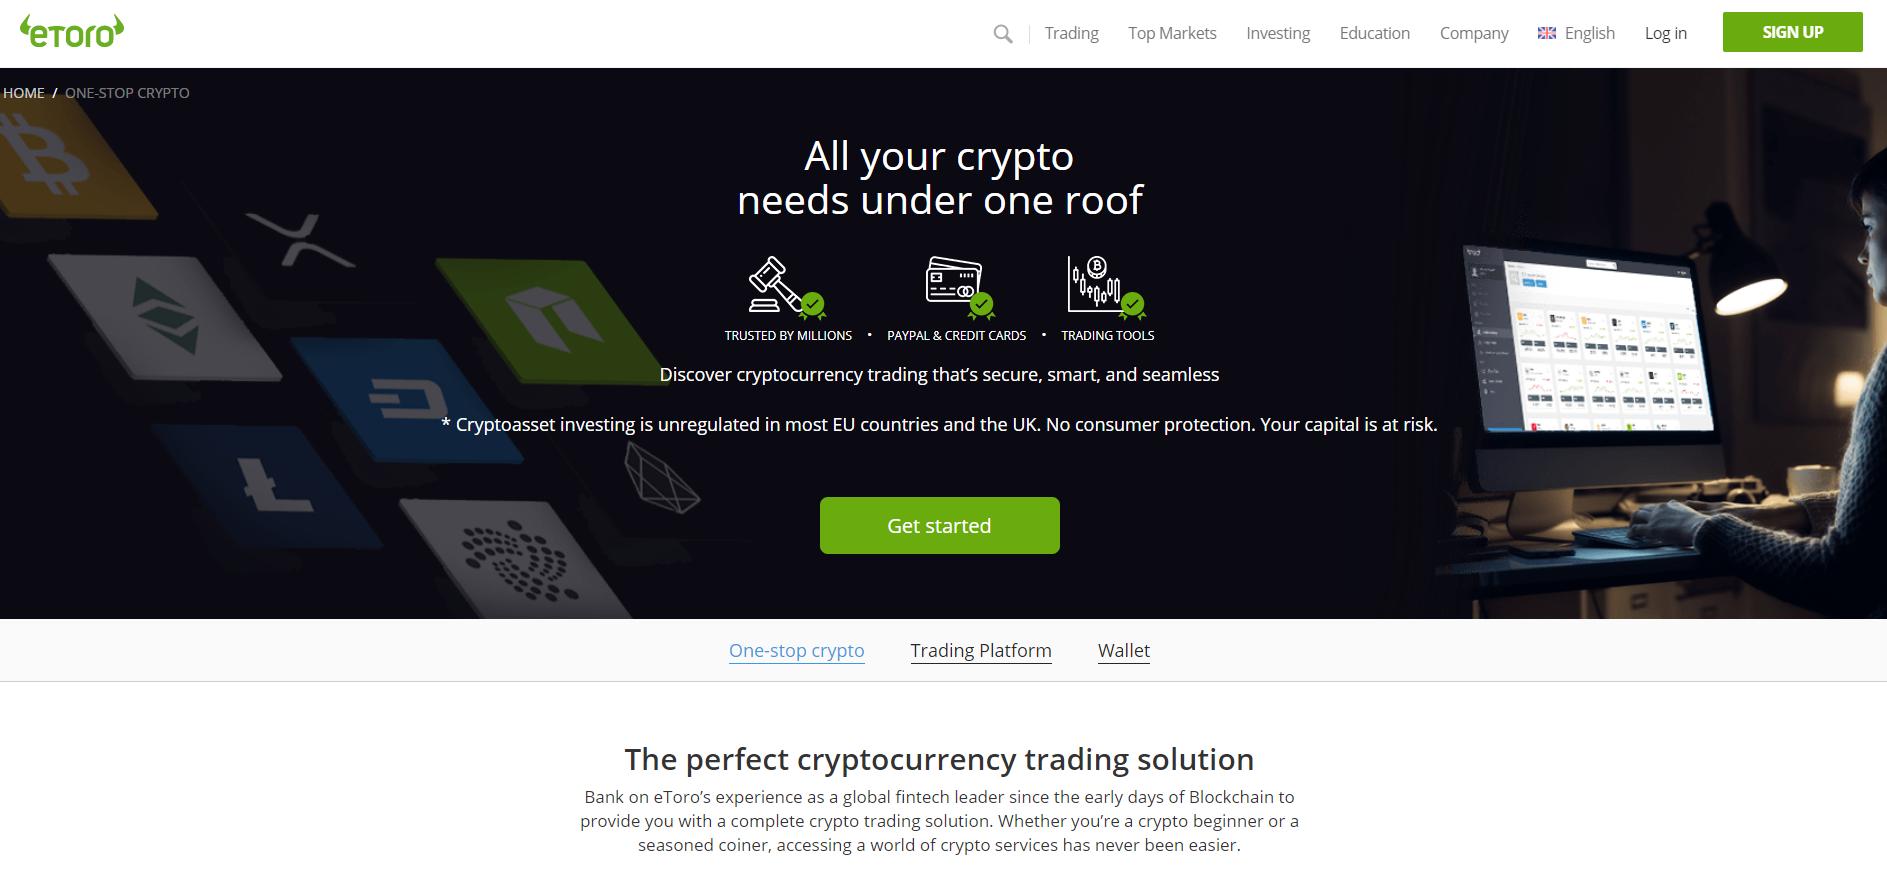 تداول العملات الرقمية في إيتورو